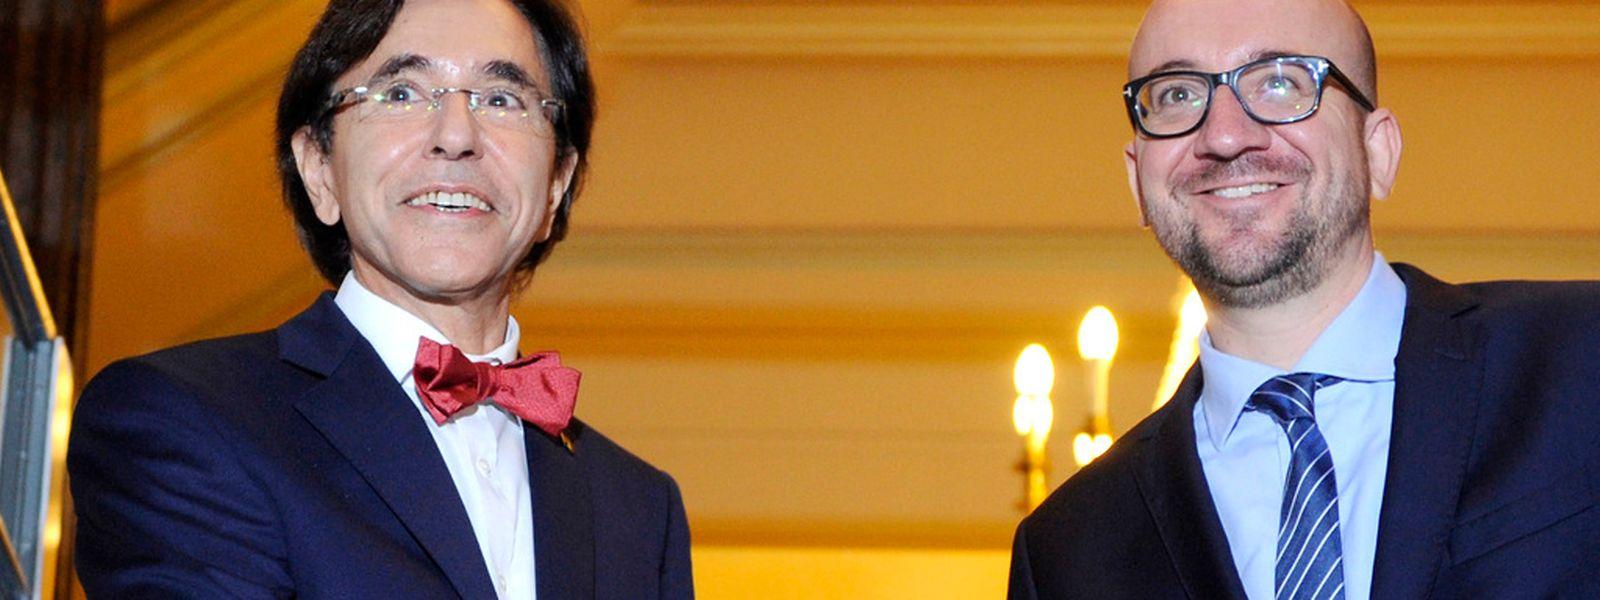 Amtsübergabe: Ex-Premier Elio Di Rupo (links) schüttelt seinem Nachfolger Charles Michel die Hand.